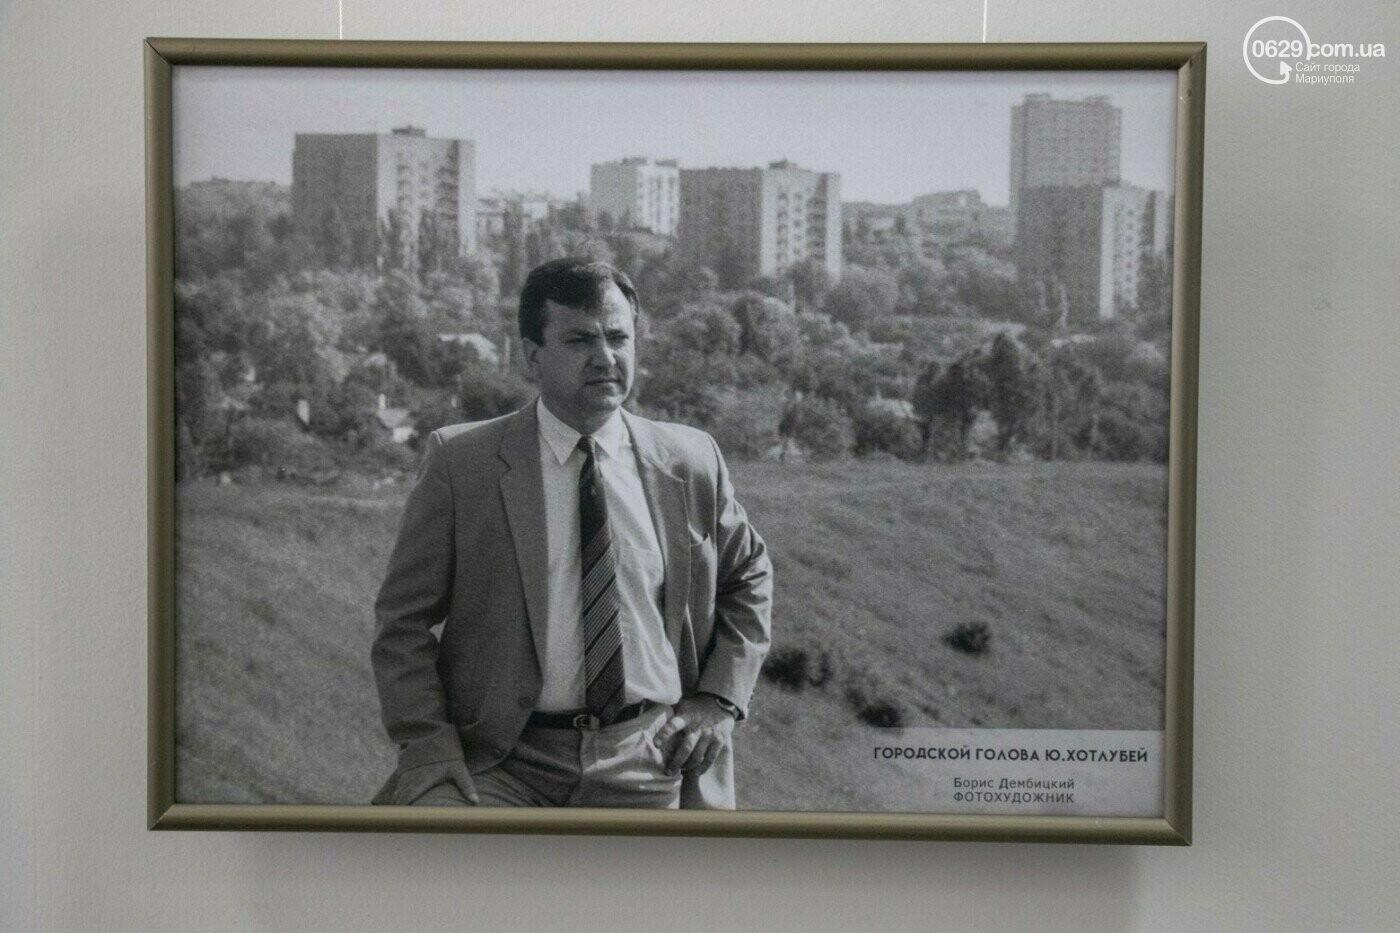 Партийный лифт, конфетные протесты и Горбачев. Как в СССР становились градоначальниками. Интервью с Юрием Хотлубеем. Часть 1, - ФОТО, фото-2